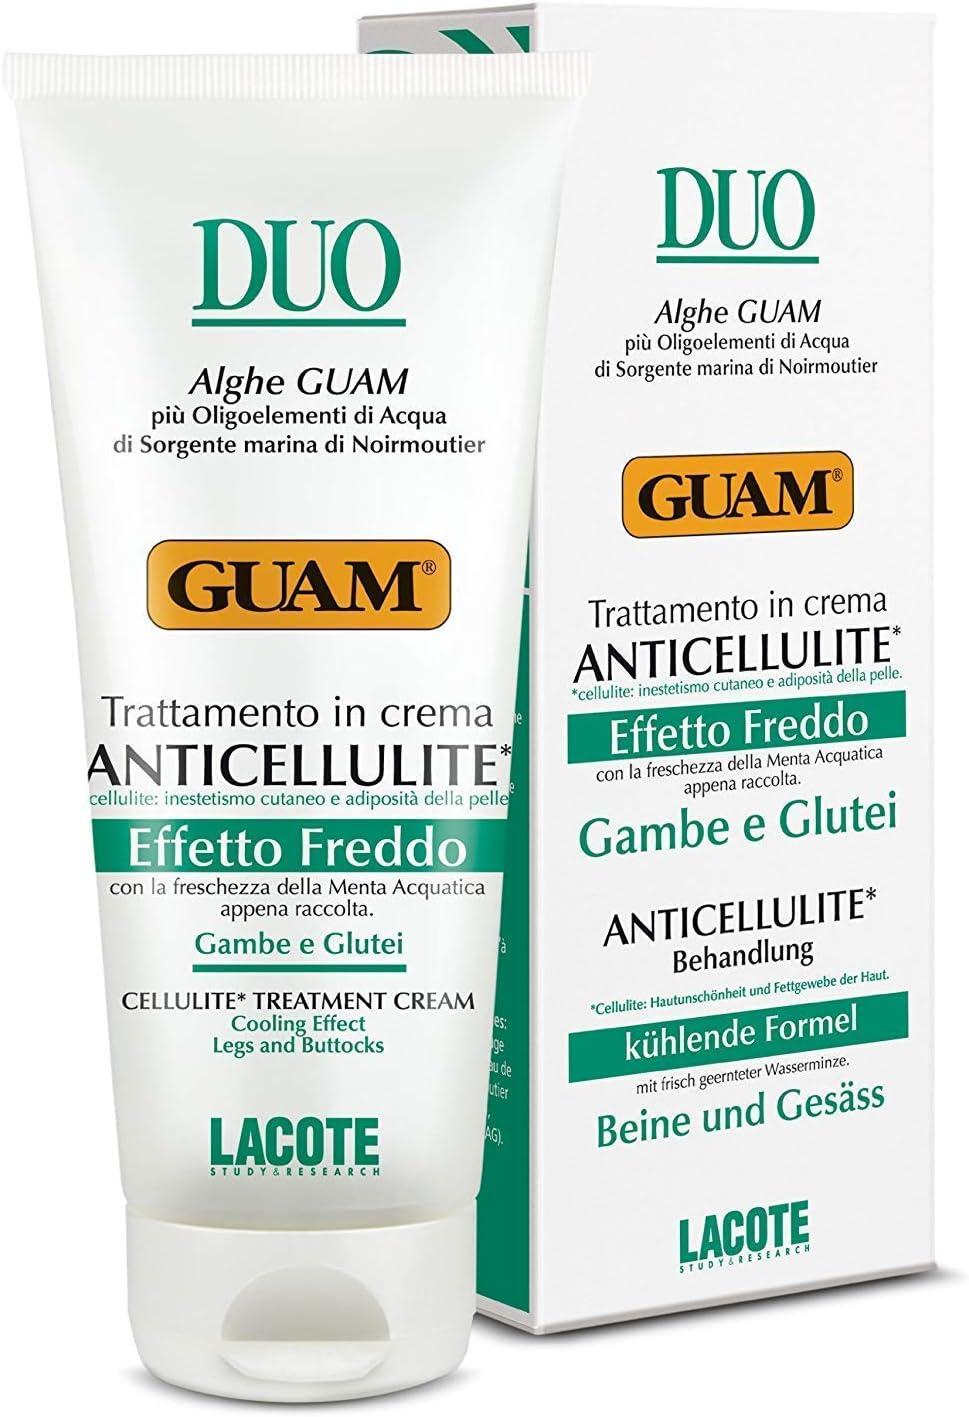 Imagen de la crema anticelulitis Duo Crema Anticelulítico Efecto Frío 200ml disponible en Amazon